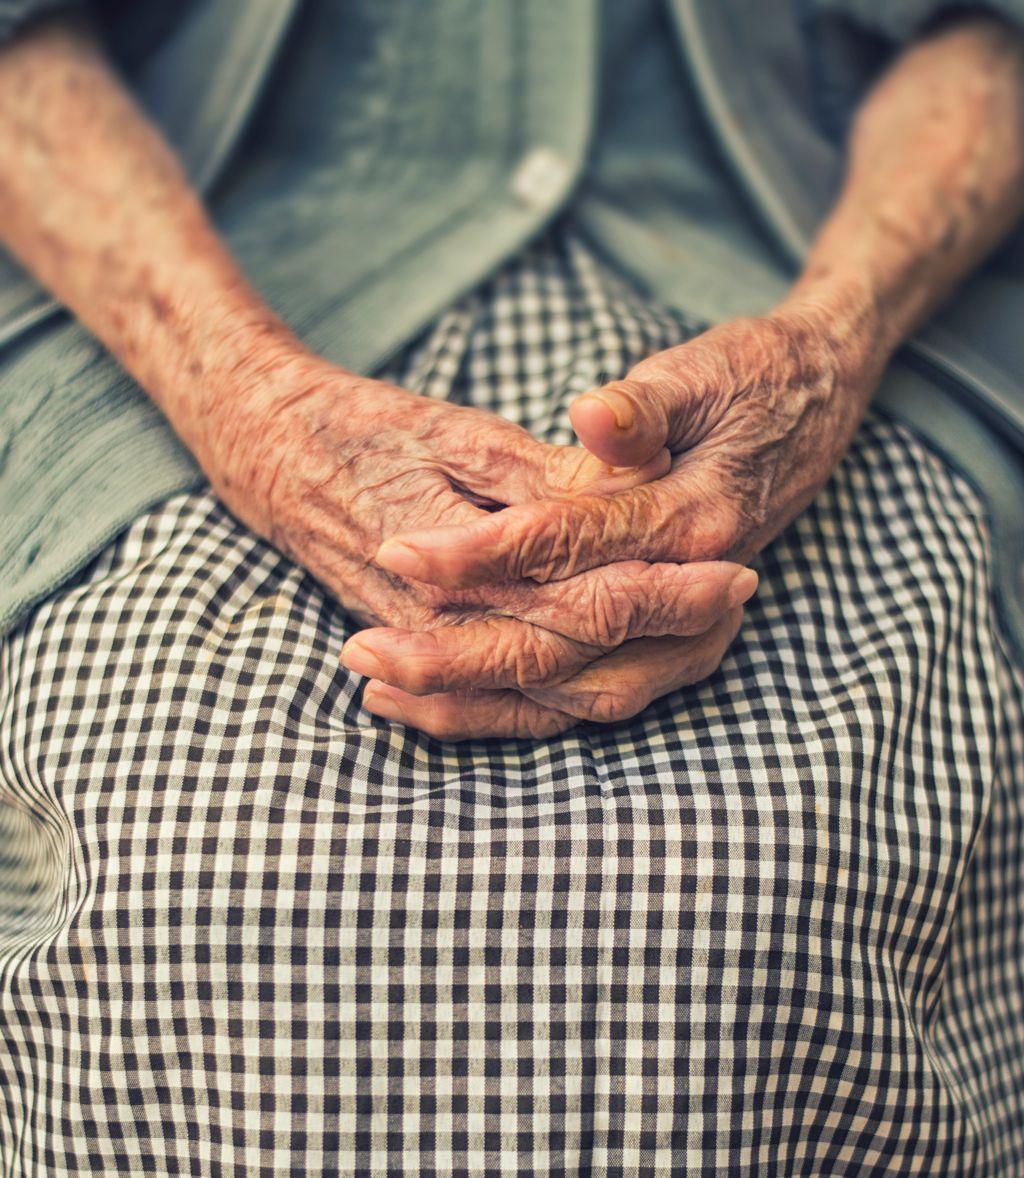 Pesquisa indica aumento da expectativa de vida no mundo